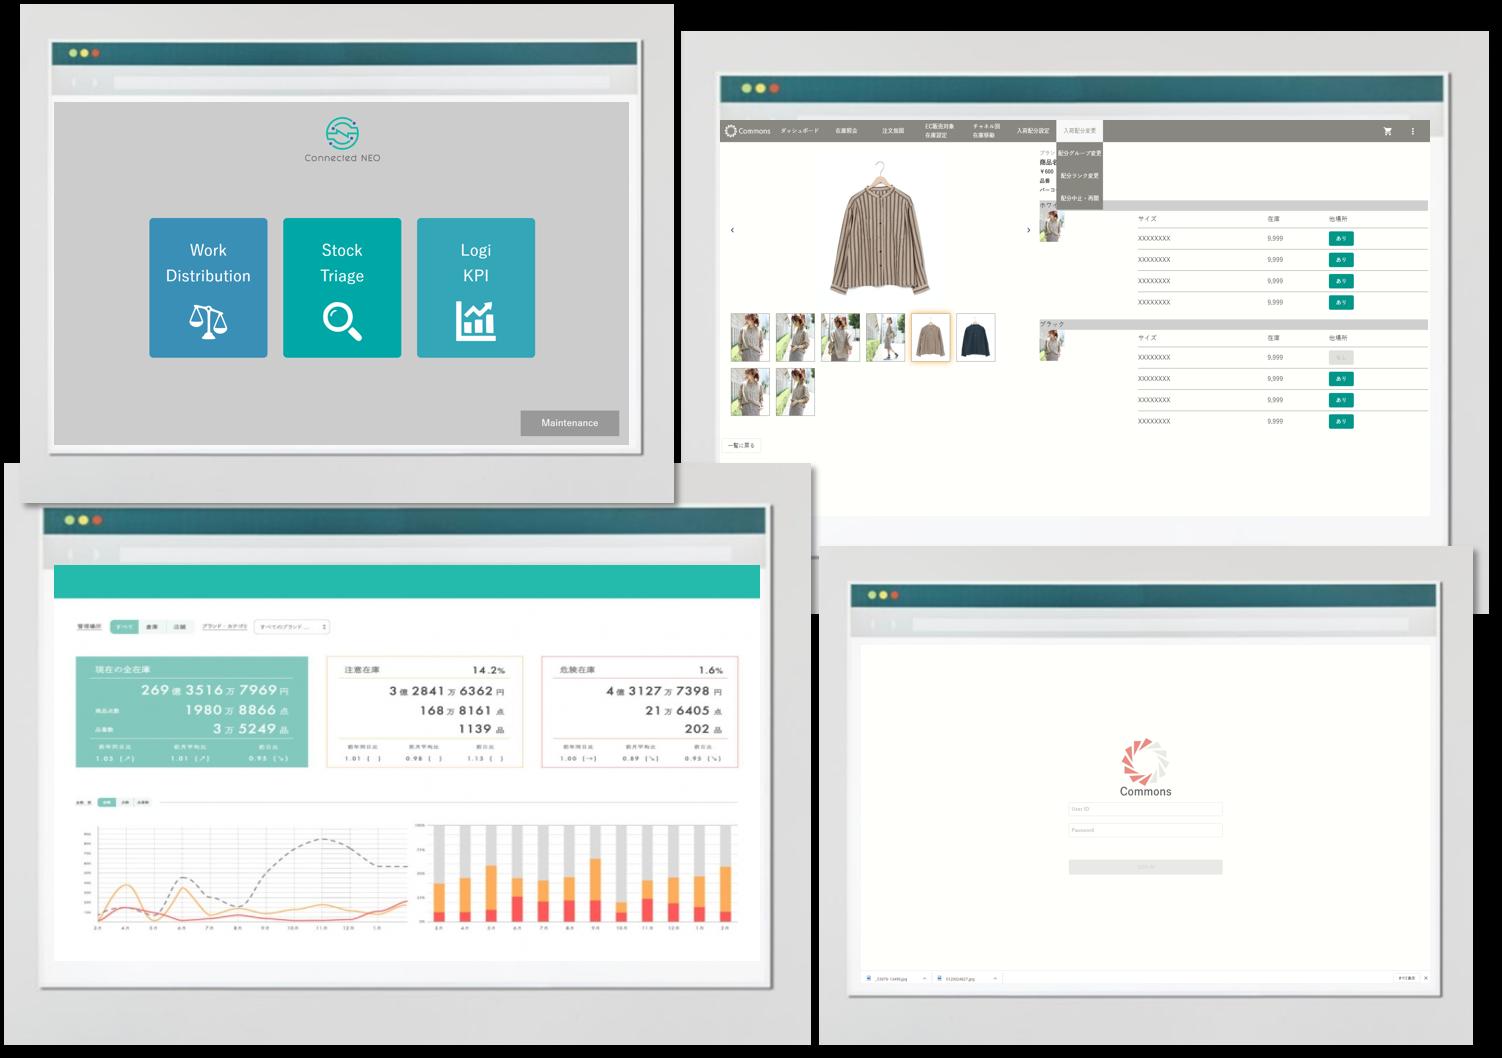 https://iishuusyoku.com/image/従来のWWSシステムに加え、ファッション業界が抱える様々な物流業務の効率化につながる新しい仕組みをつくりだしていきます!